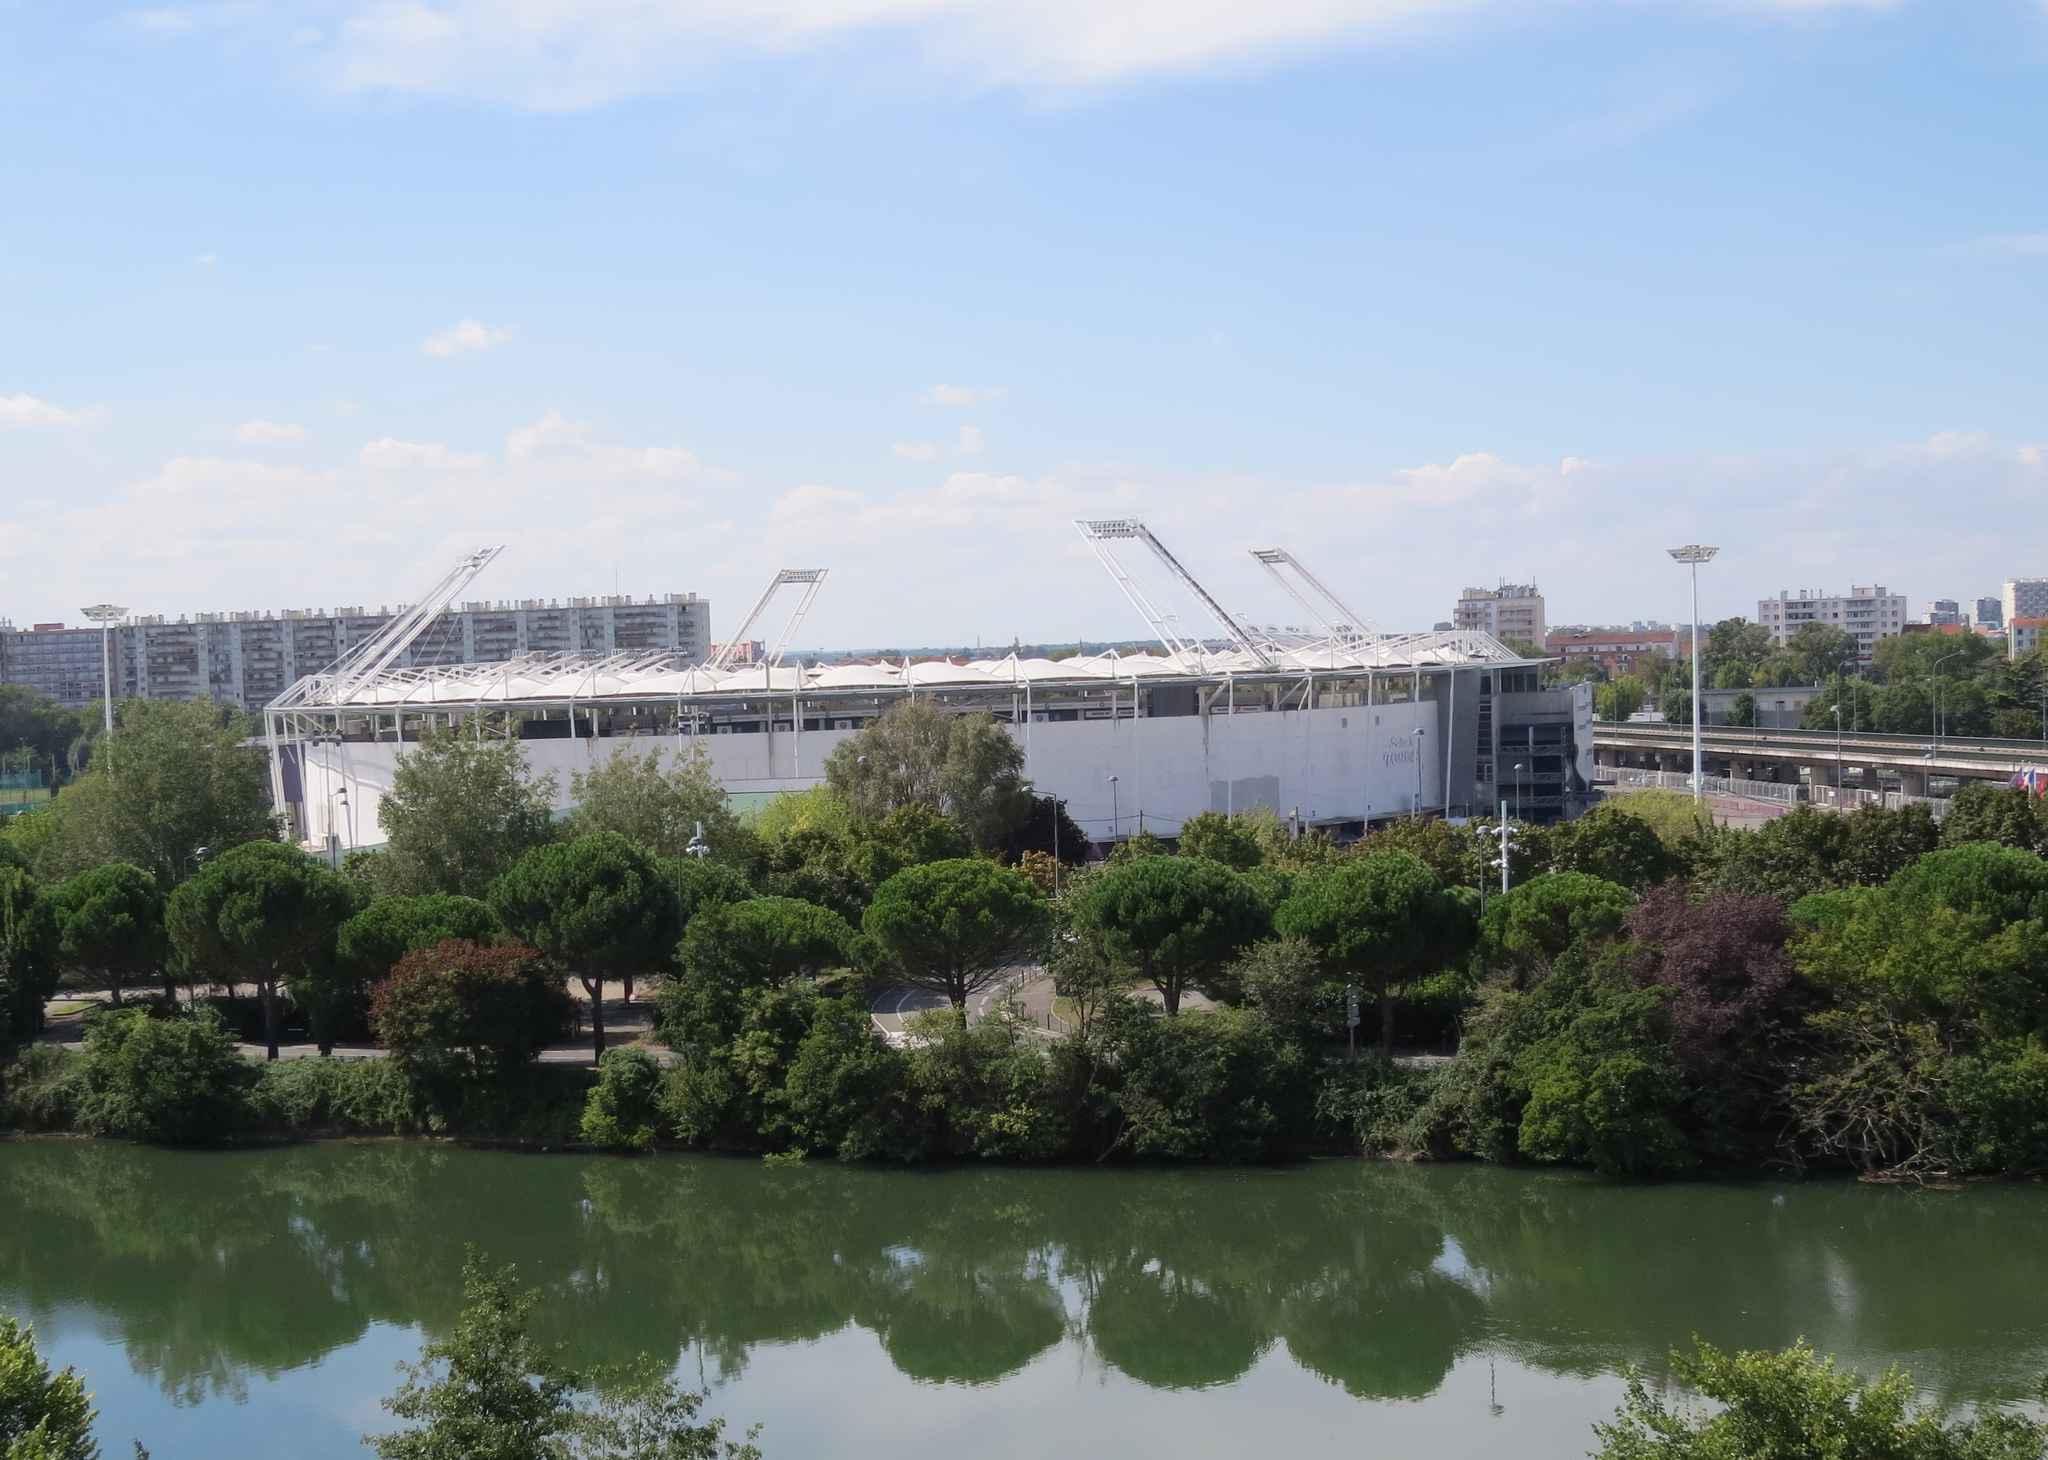 Si paris l 39 emporte toulouse sera site olympique en 2024 - Piscine olympique toulouse ...